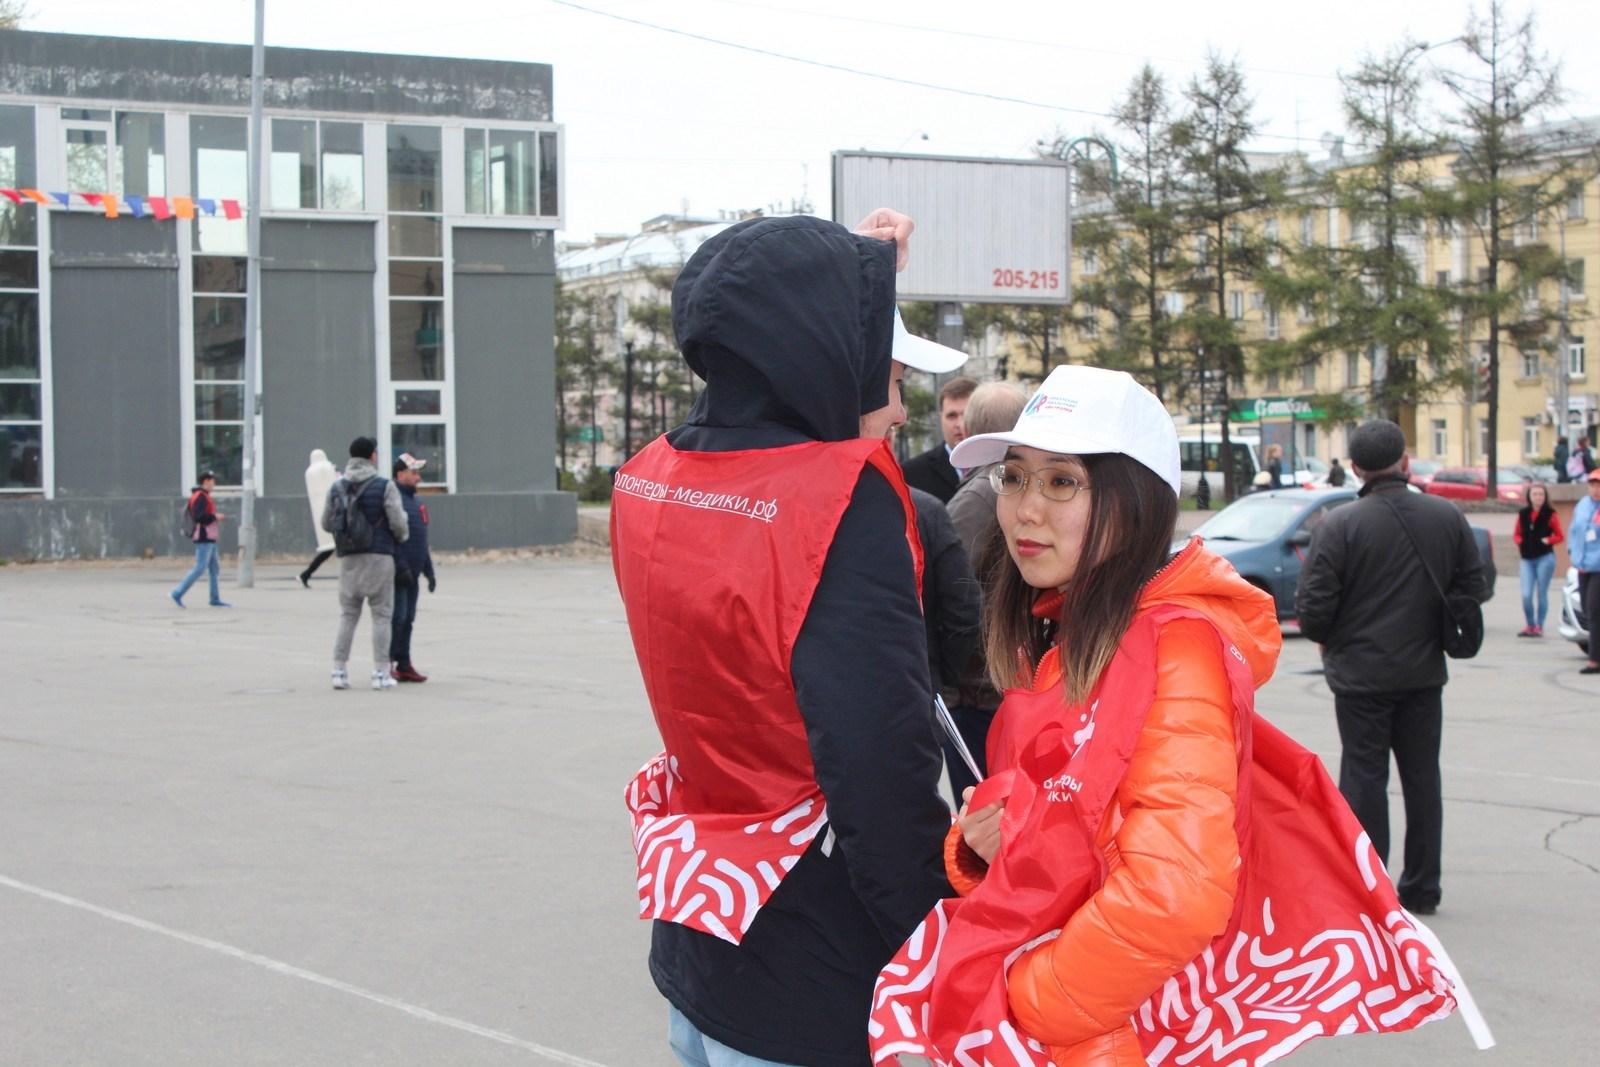 Иркутск первым в стране открыл Всероссийскую акцию «Стоп ВИЧ/СПИД» 2019 года  Торжественное открытие состоялось в 12 часов дня на площади около дворца спорта «Труд». Почетное мероприятие открыли министр здравоохранения Иркутской области Олег Николаев…